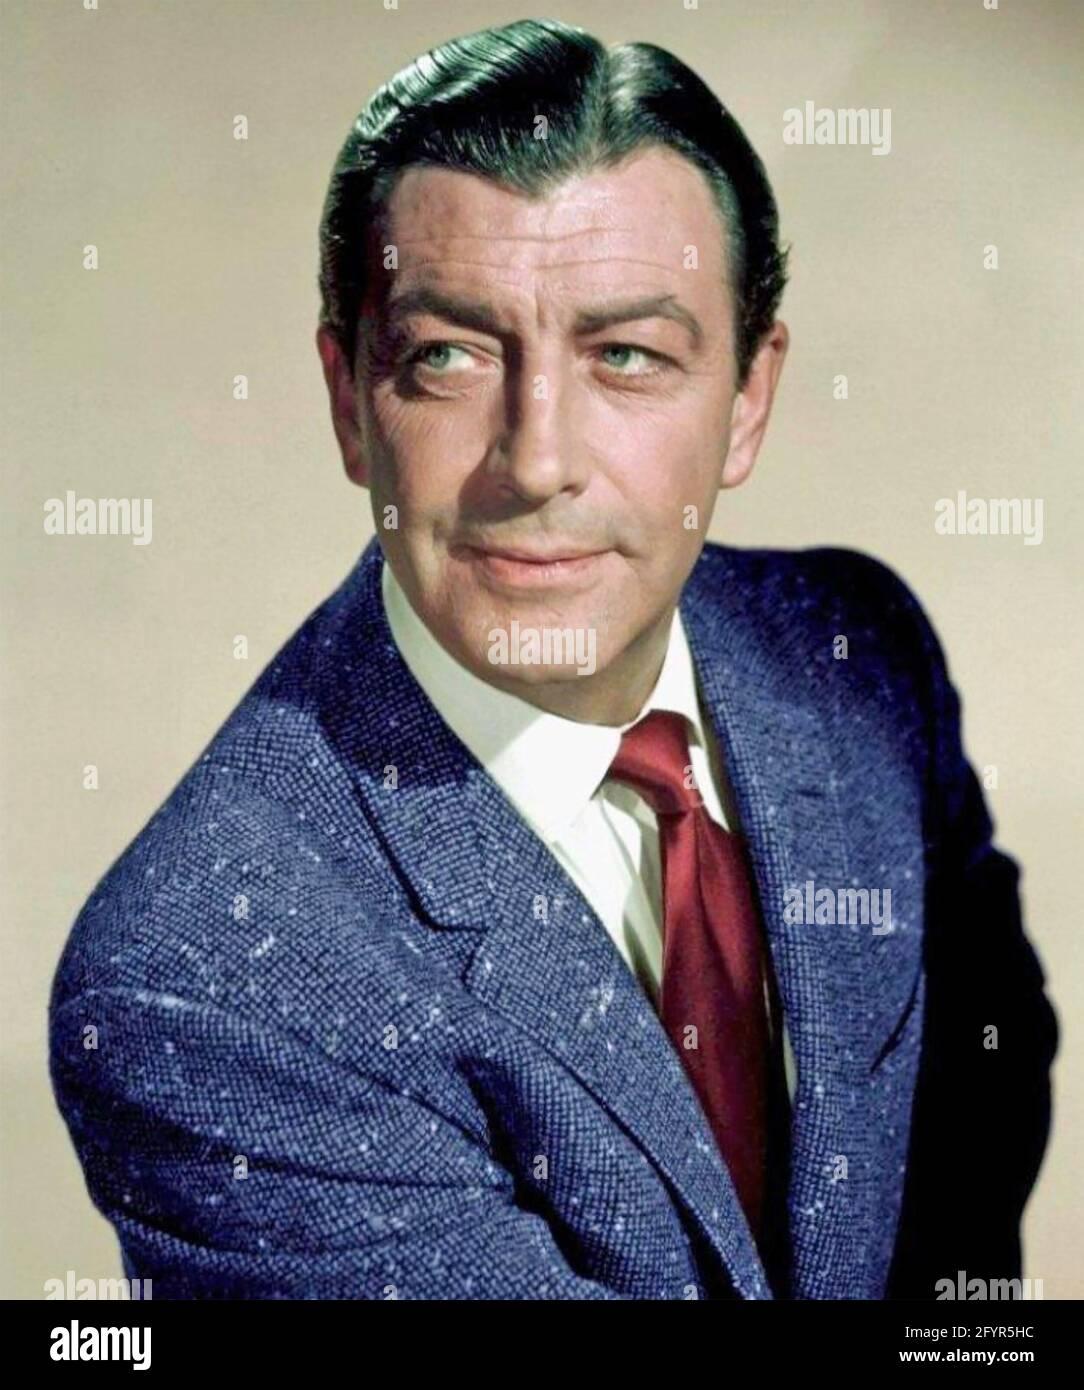 ROBERT TAYLOR (1911-1969) acteur de cinéma américain vers 1960 Banque D'Images